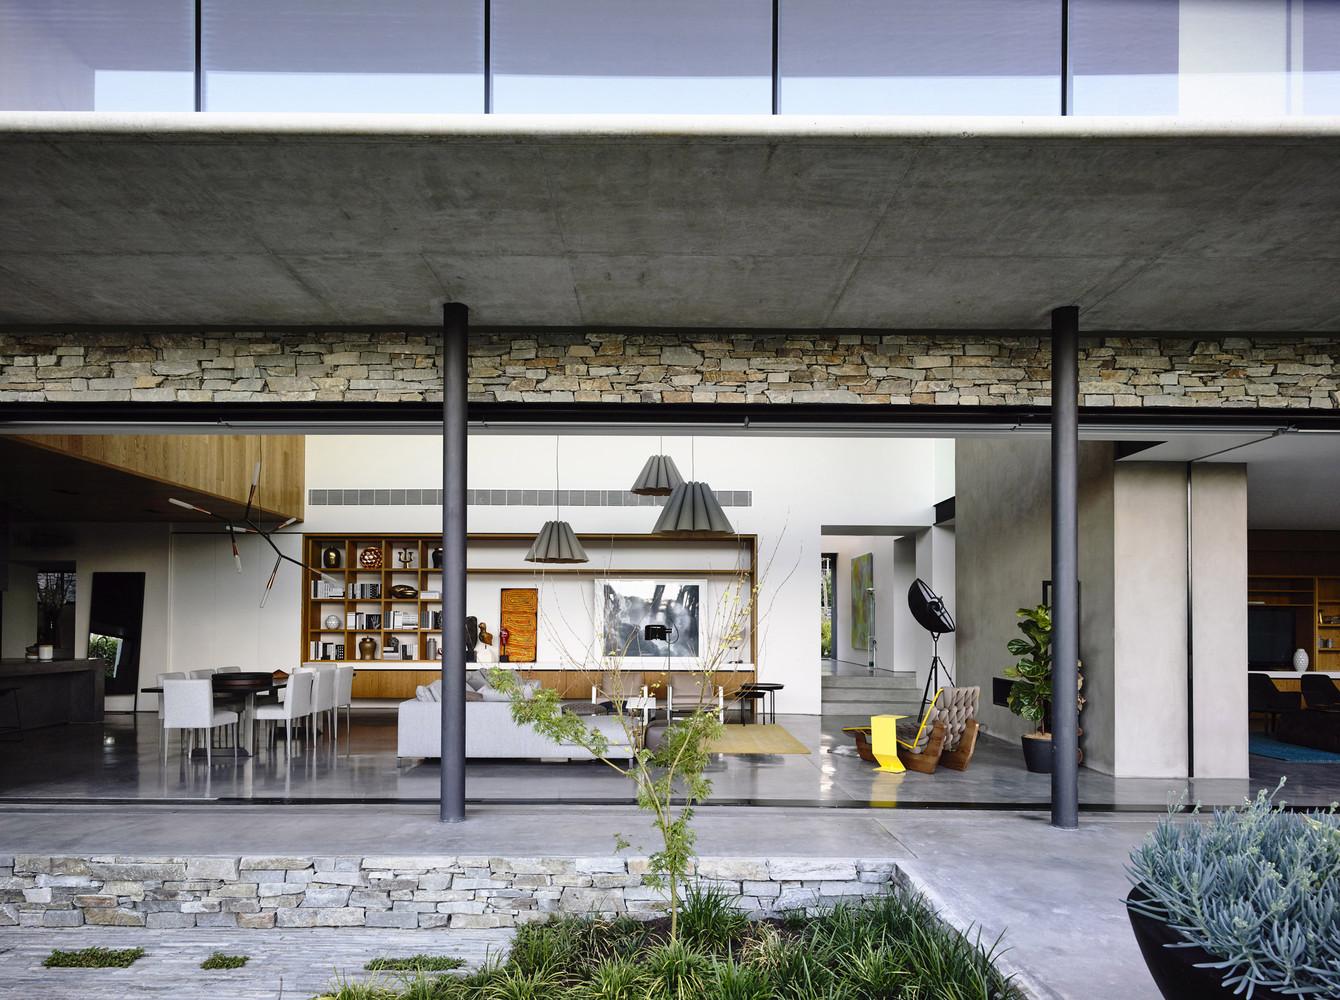 Concrete house by matt gibson architecture in melbourne australia